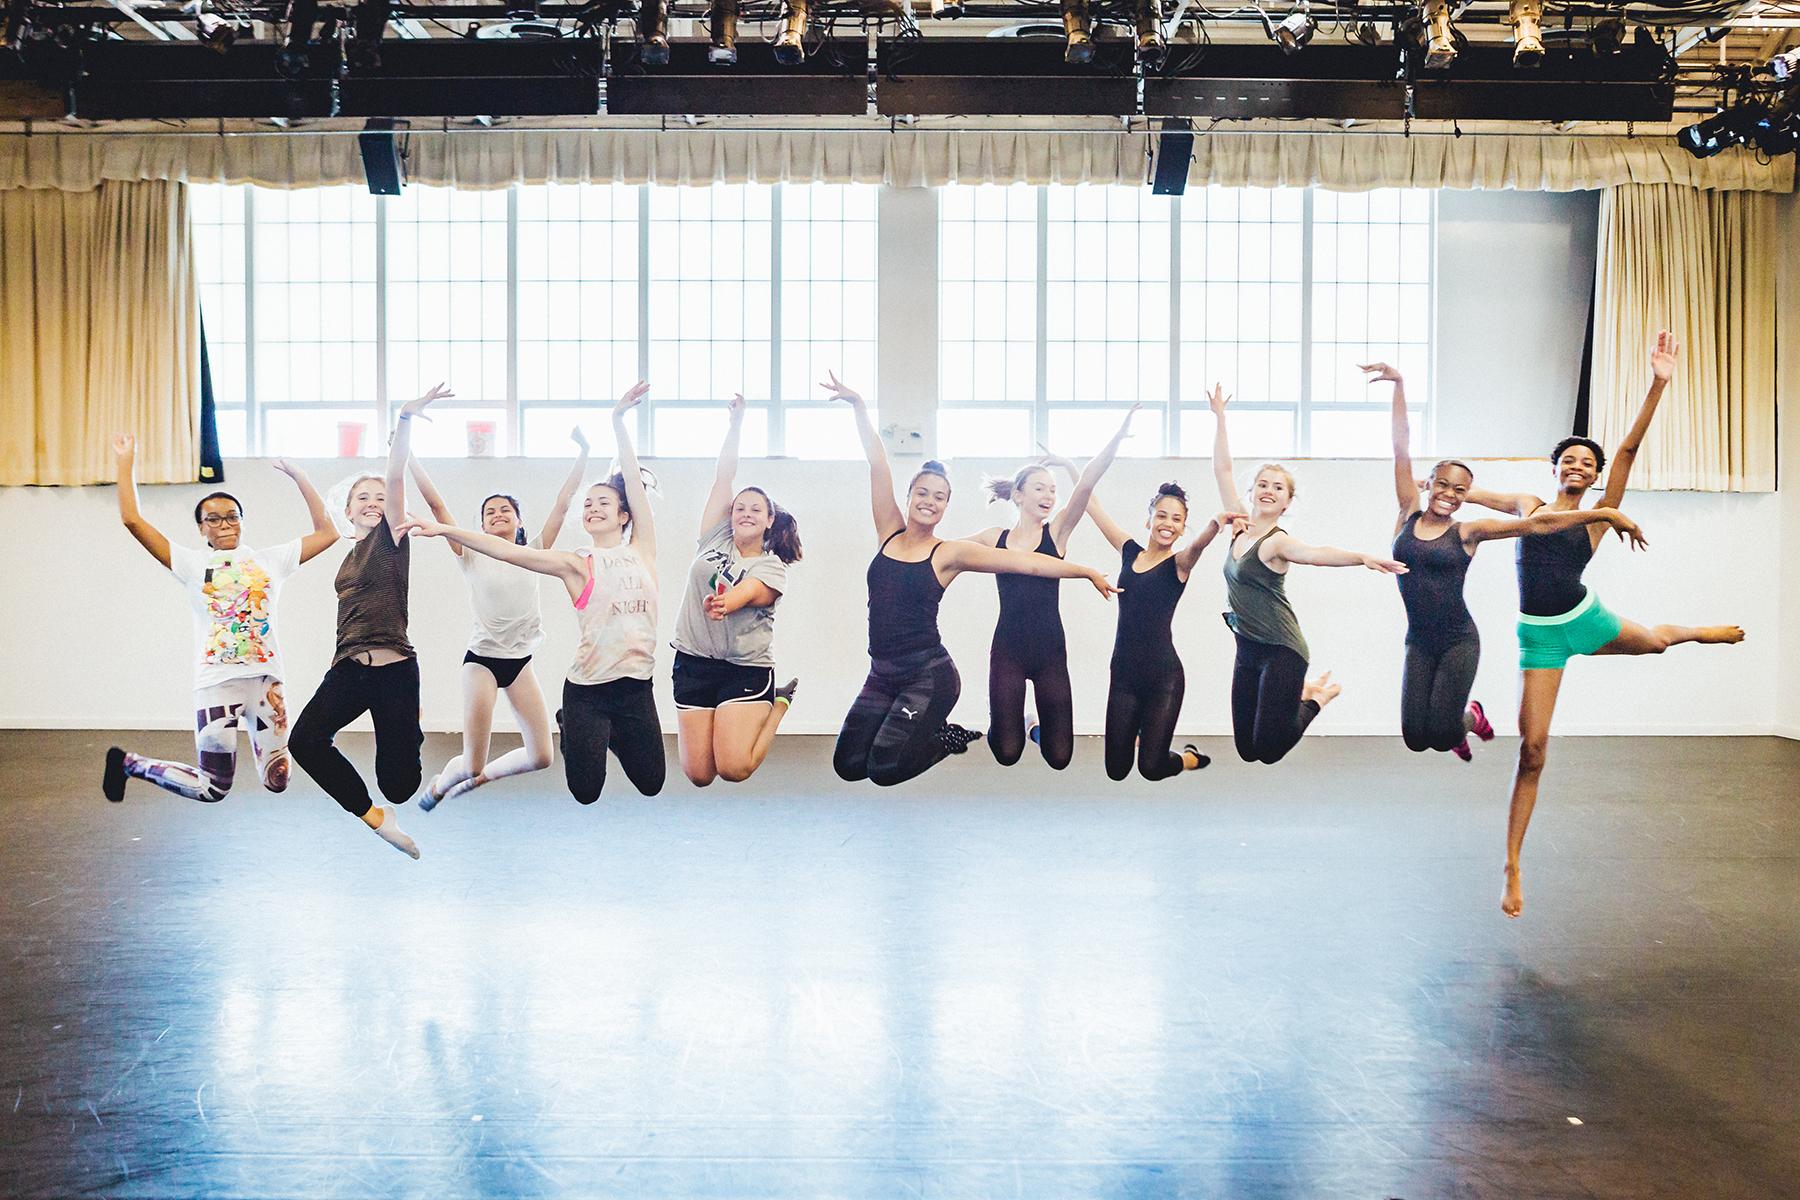 танцевальные классы картинка проект можно